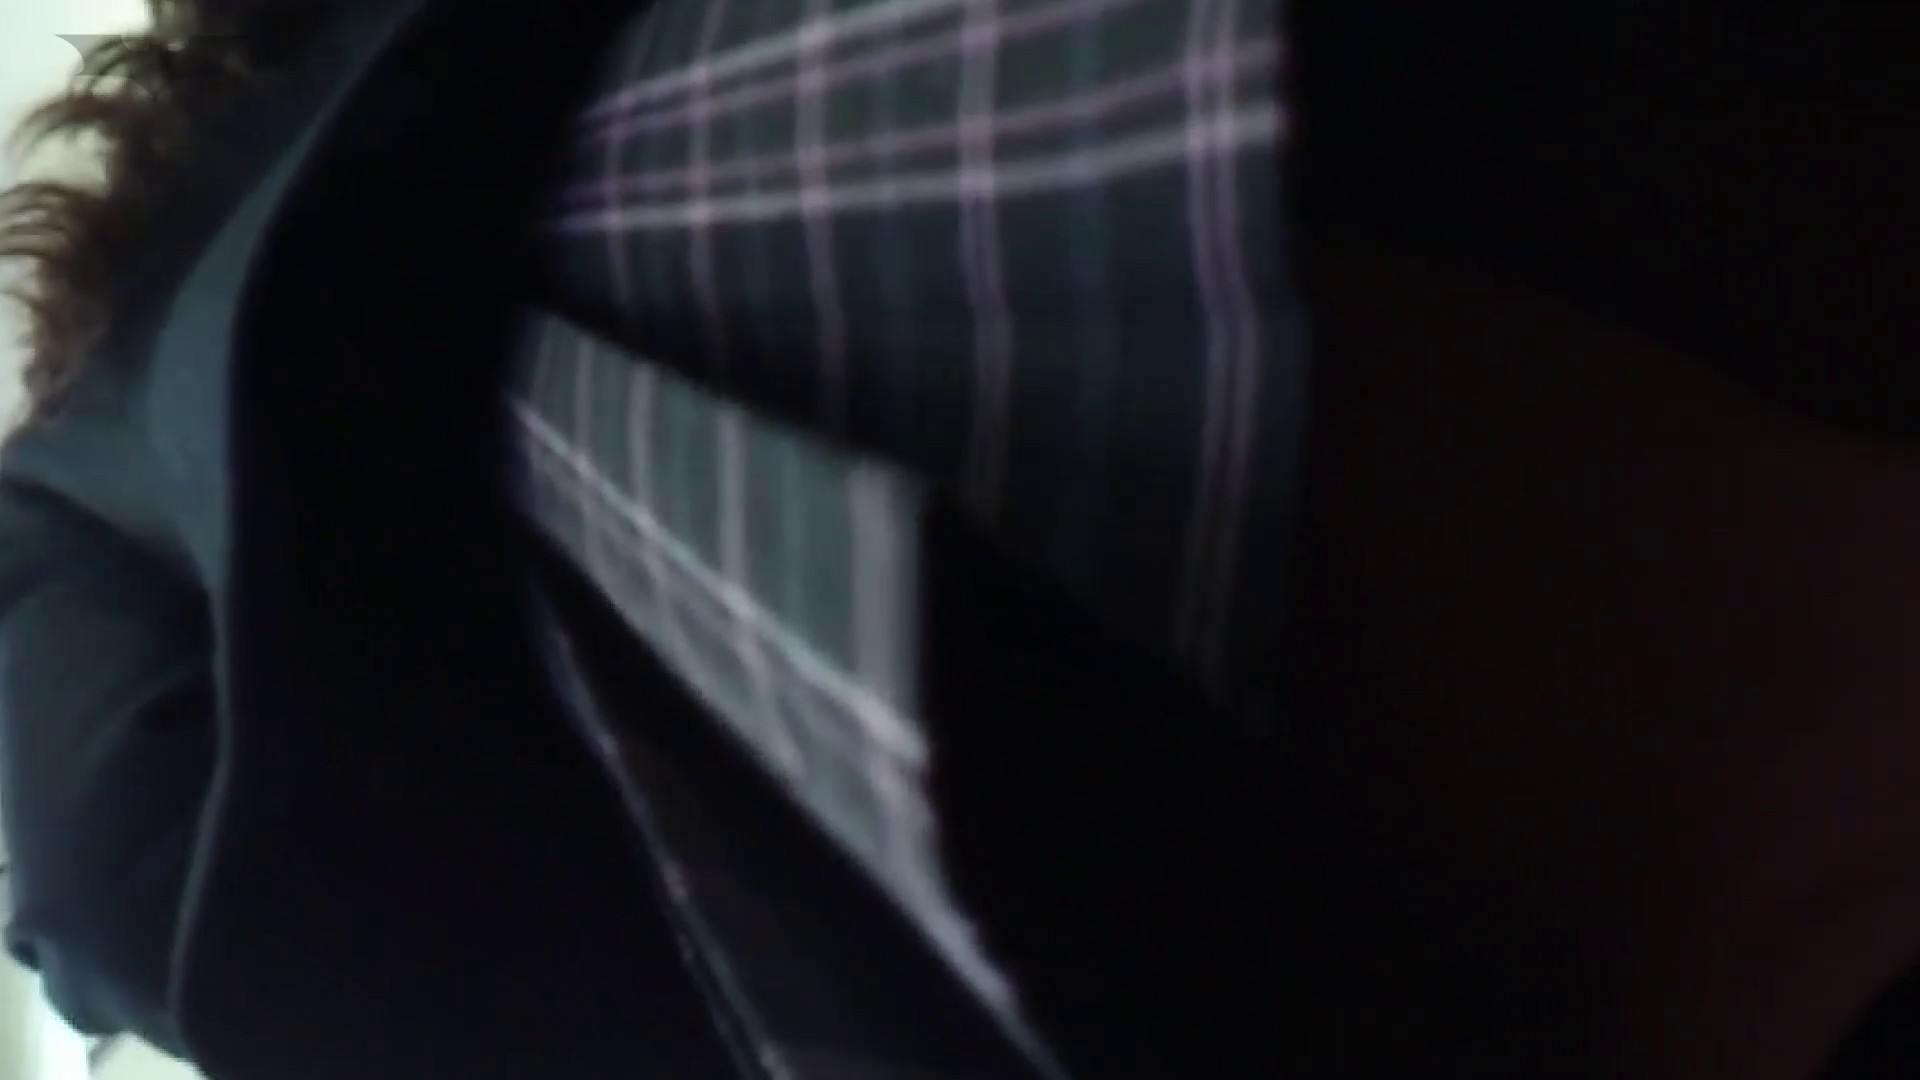 盗撮列車 Vol.14 お嬢様のバックプリントパンツ パンツ | 盗撮エロすぎ  99連発 85